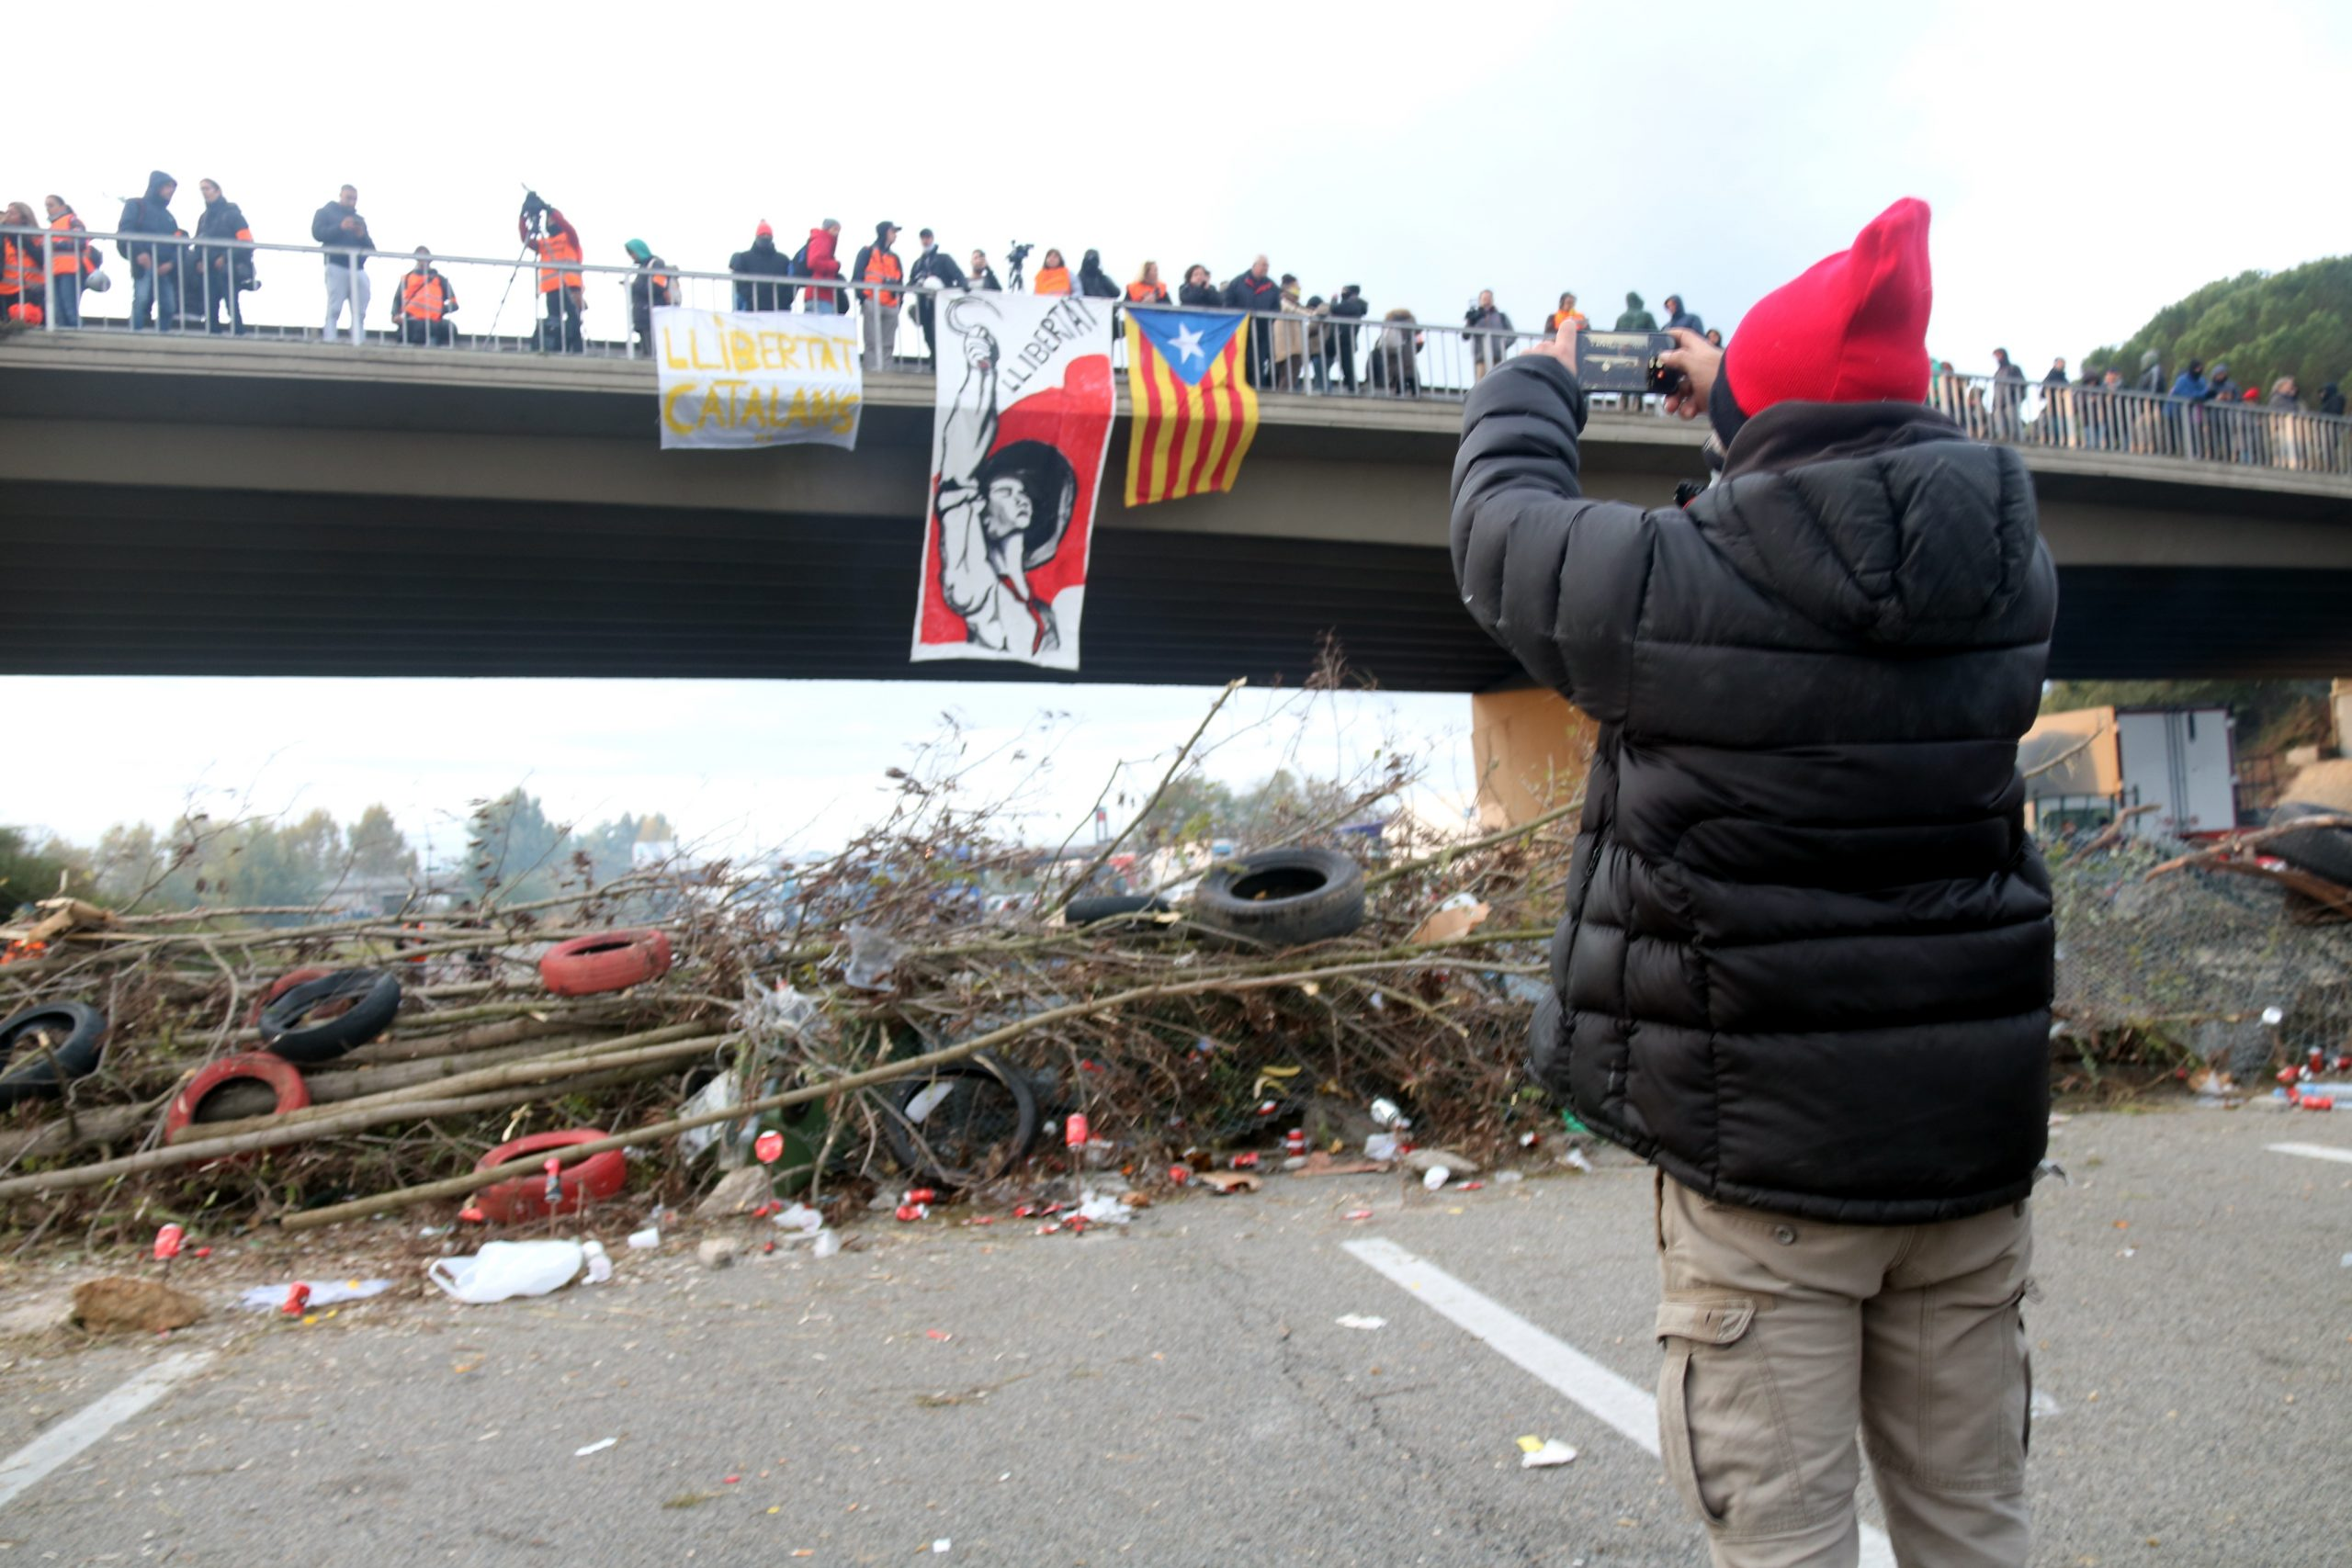 Un home amb barretina fent fotos davant una barricada al tall de l'AP-7 a Salt | ACN